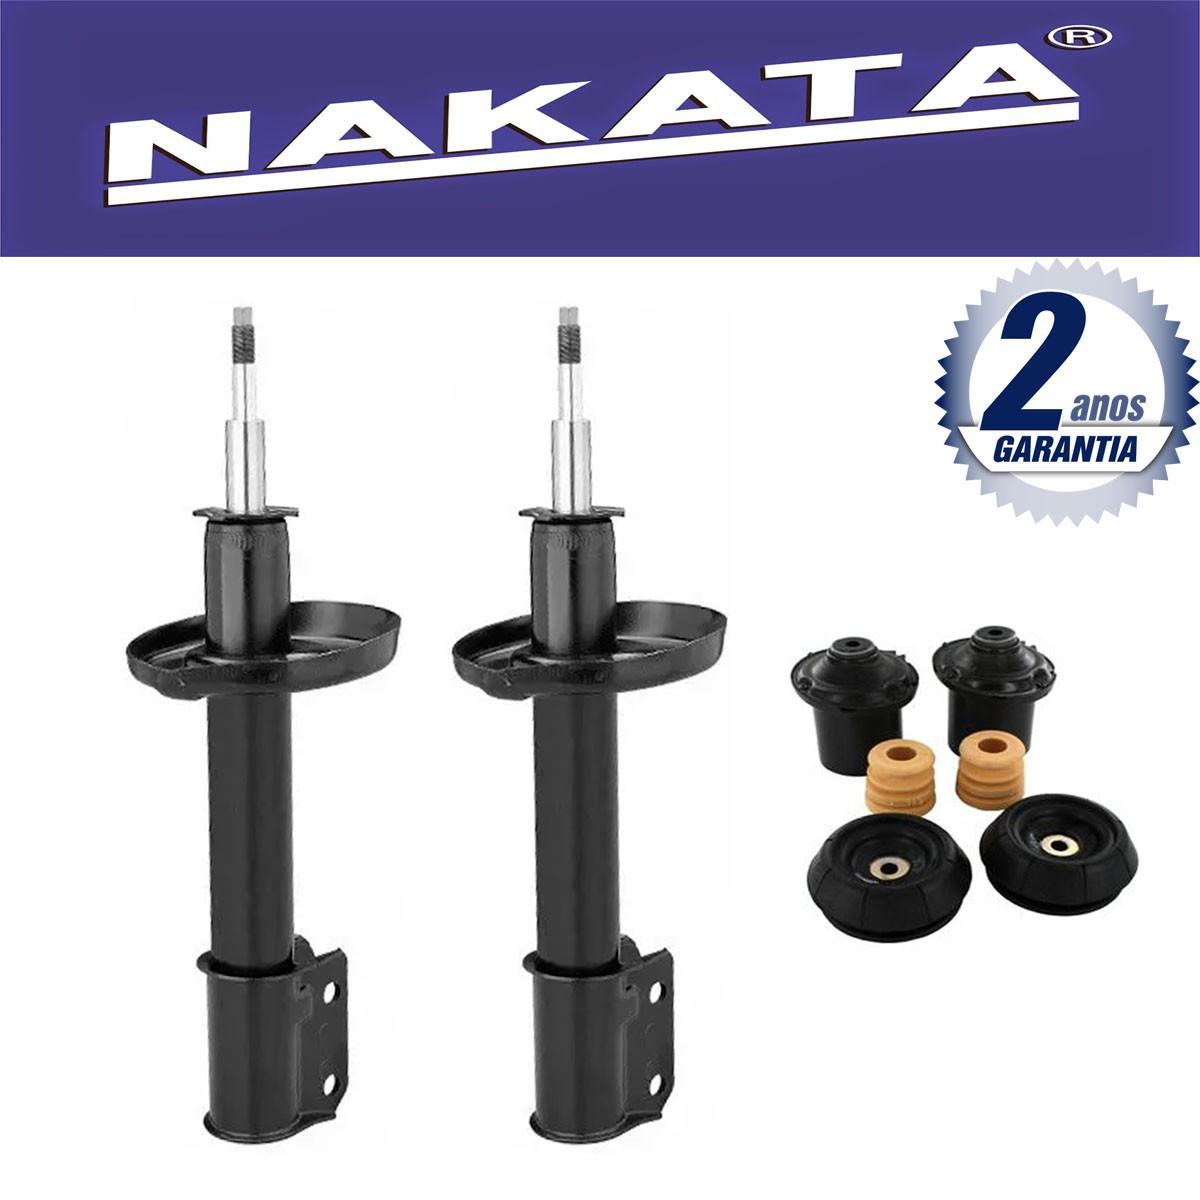 Par de Amortecedores Dianteiro Nakata Novo Corsa Hatch e Sedan 2002 Até 2013 + Kit da Suspensão.